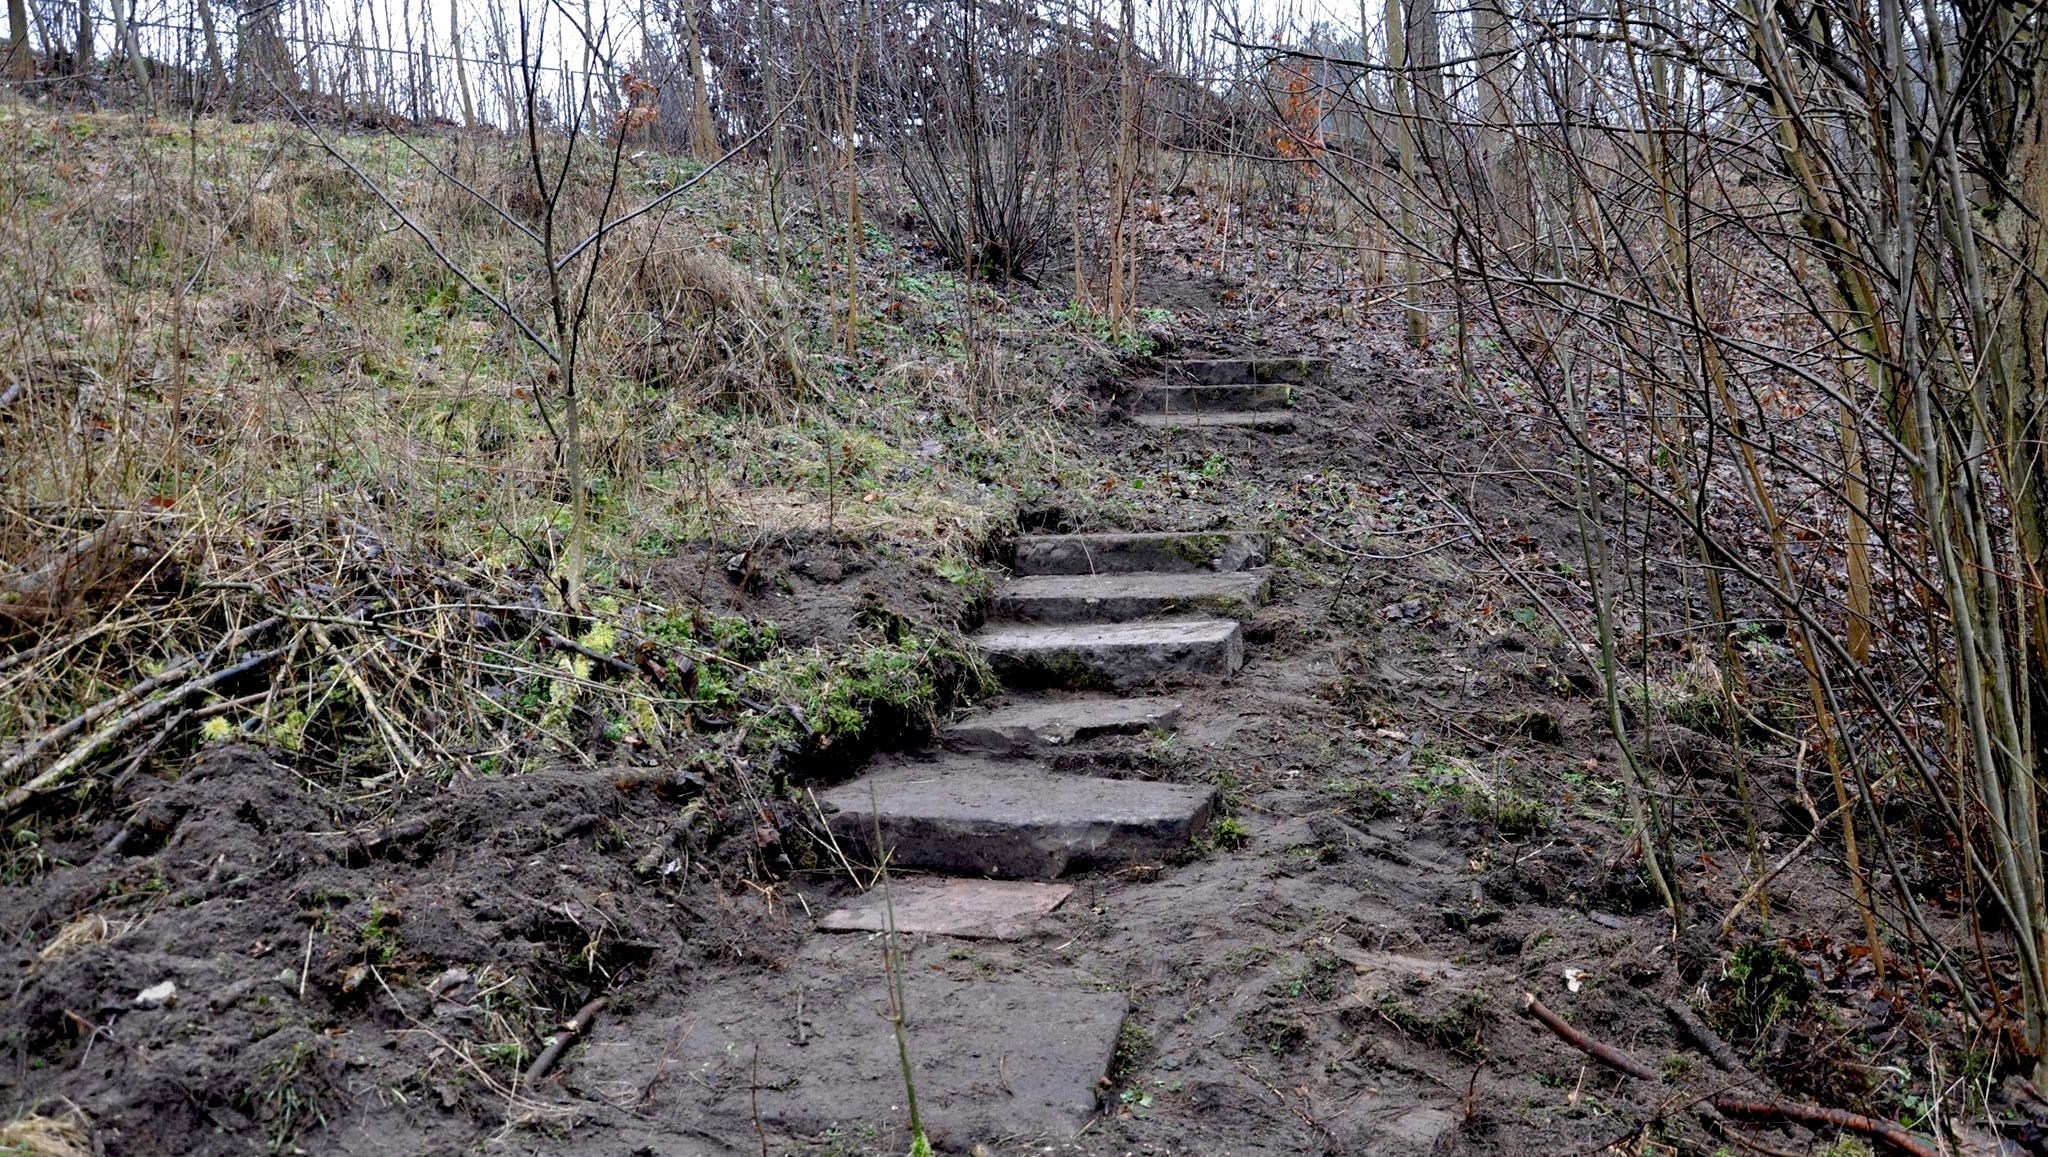 fot schody lustracja SKępe (6)